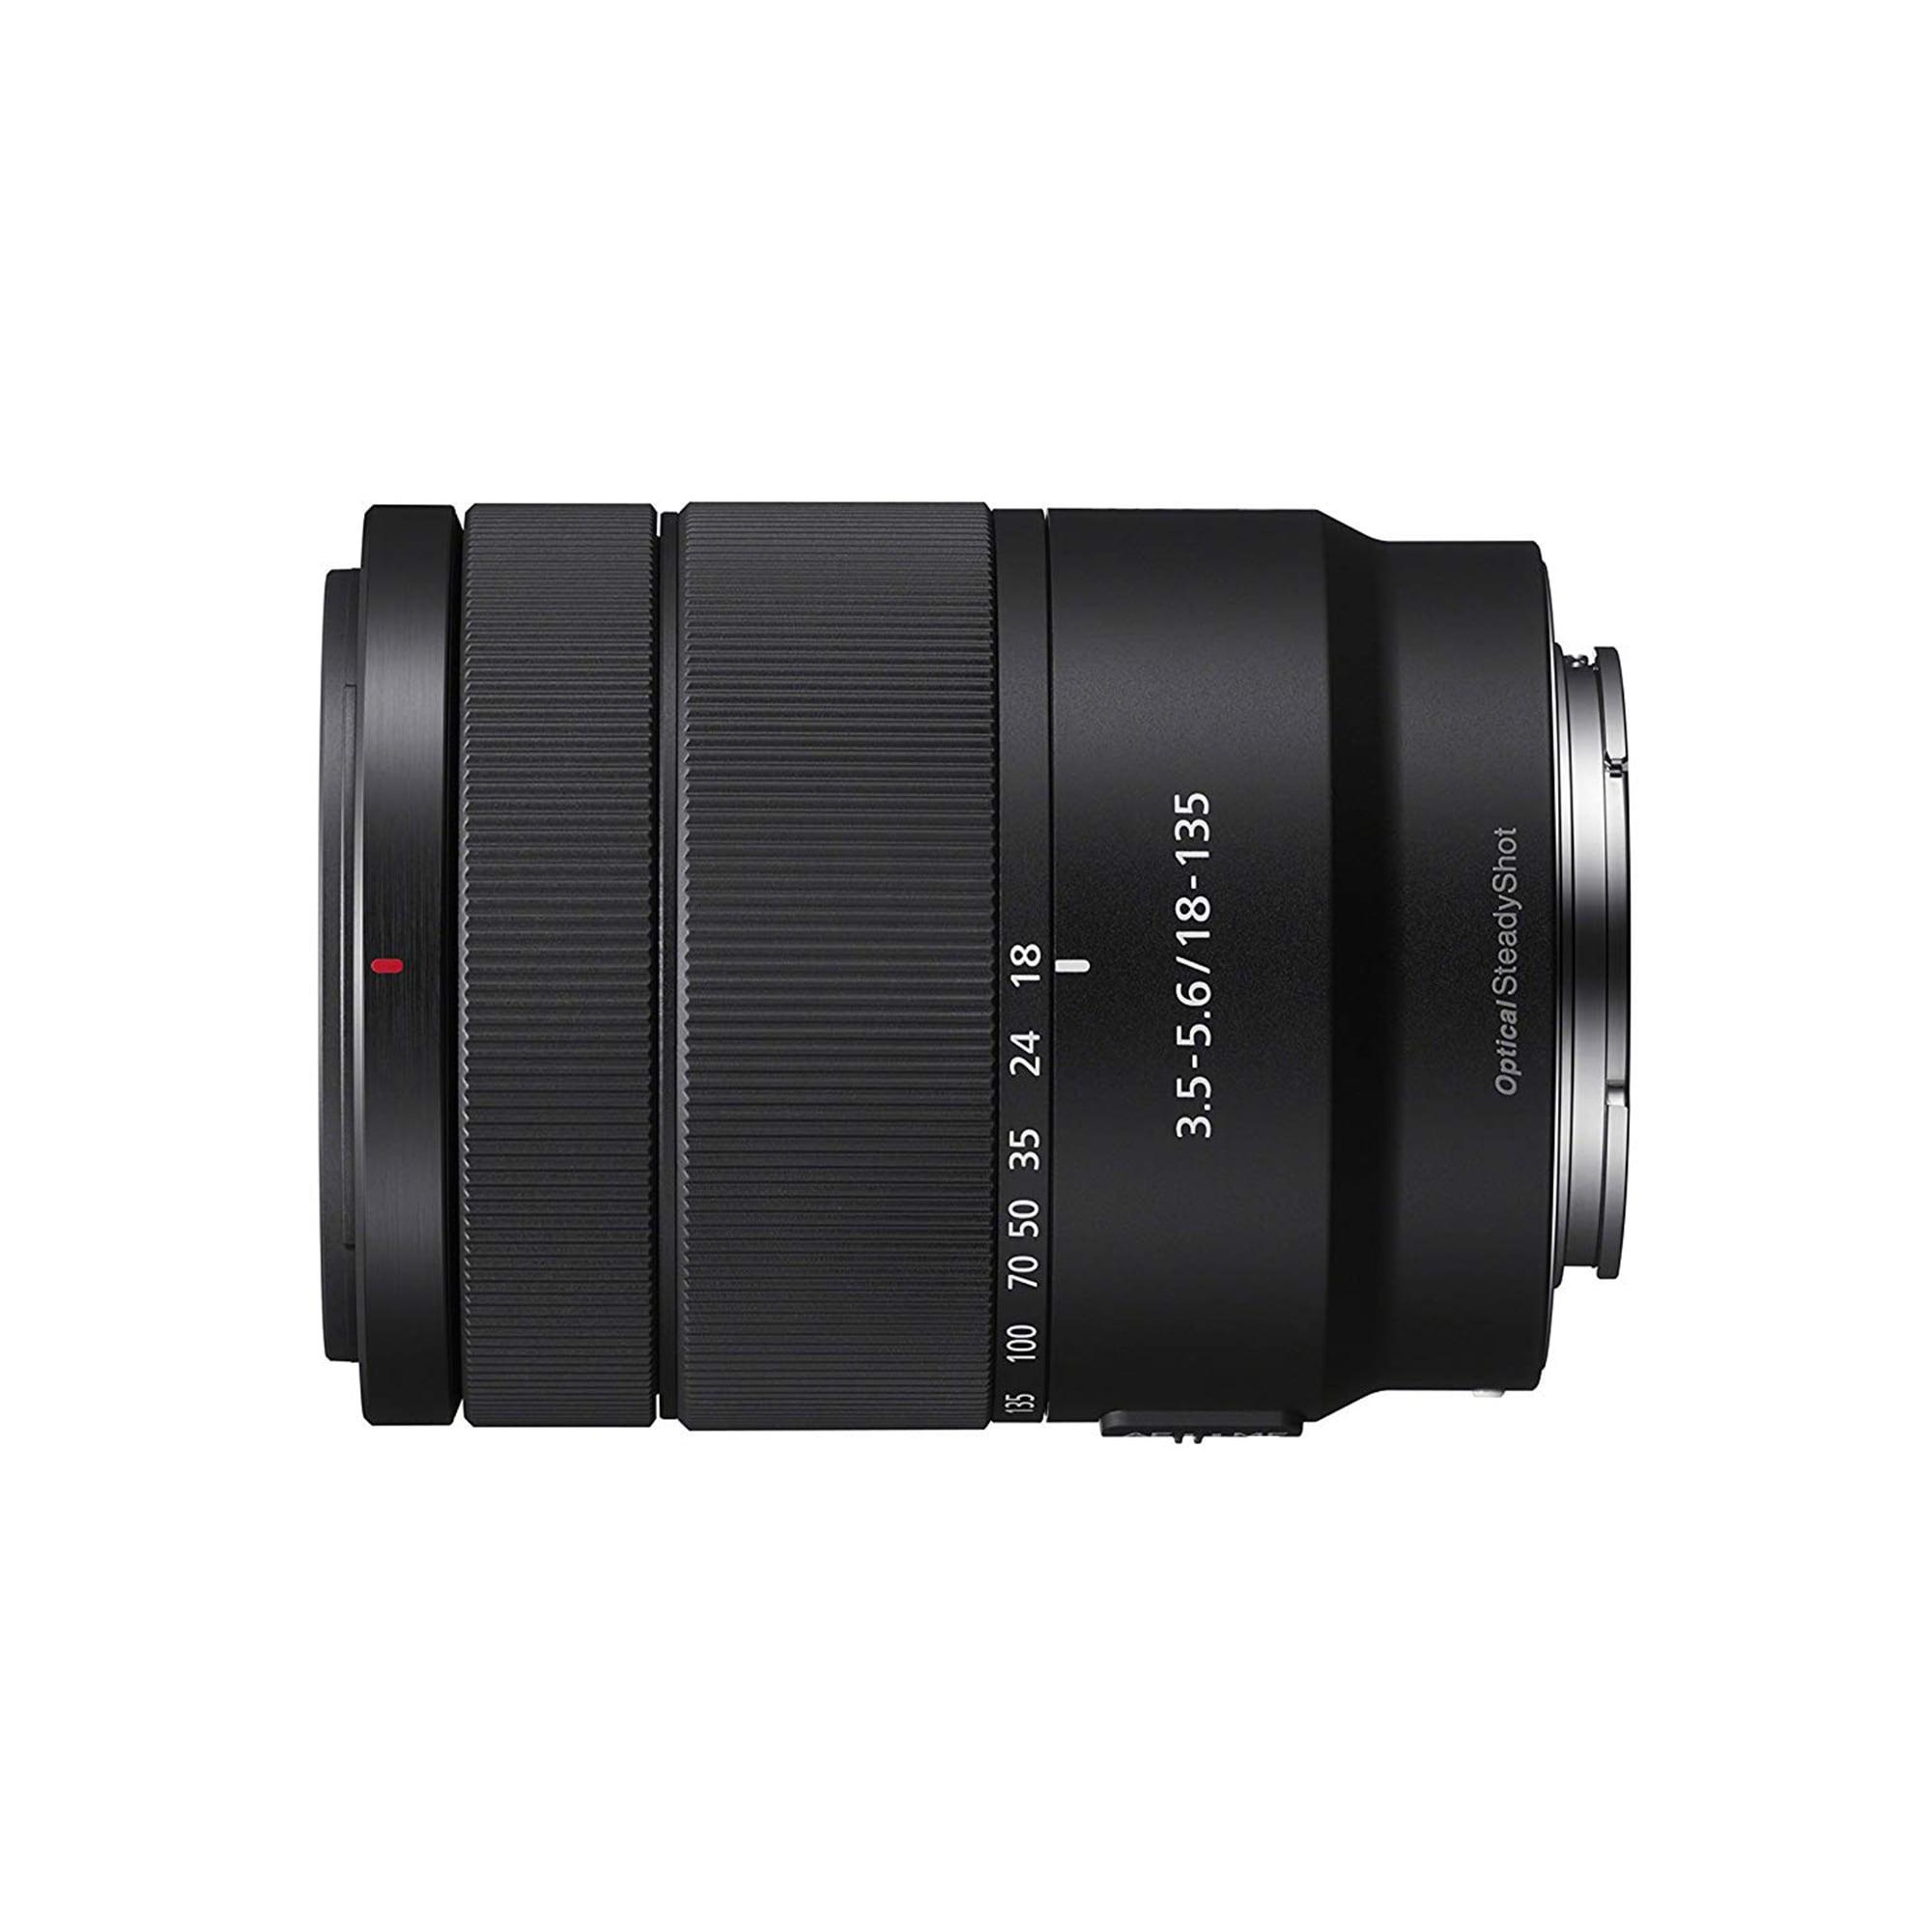 Sony E OSS 18-235mm f/3,5-5,6 - DEMO EX